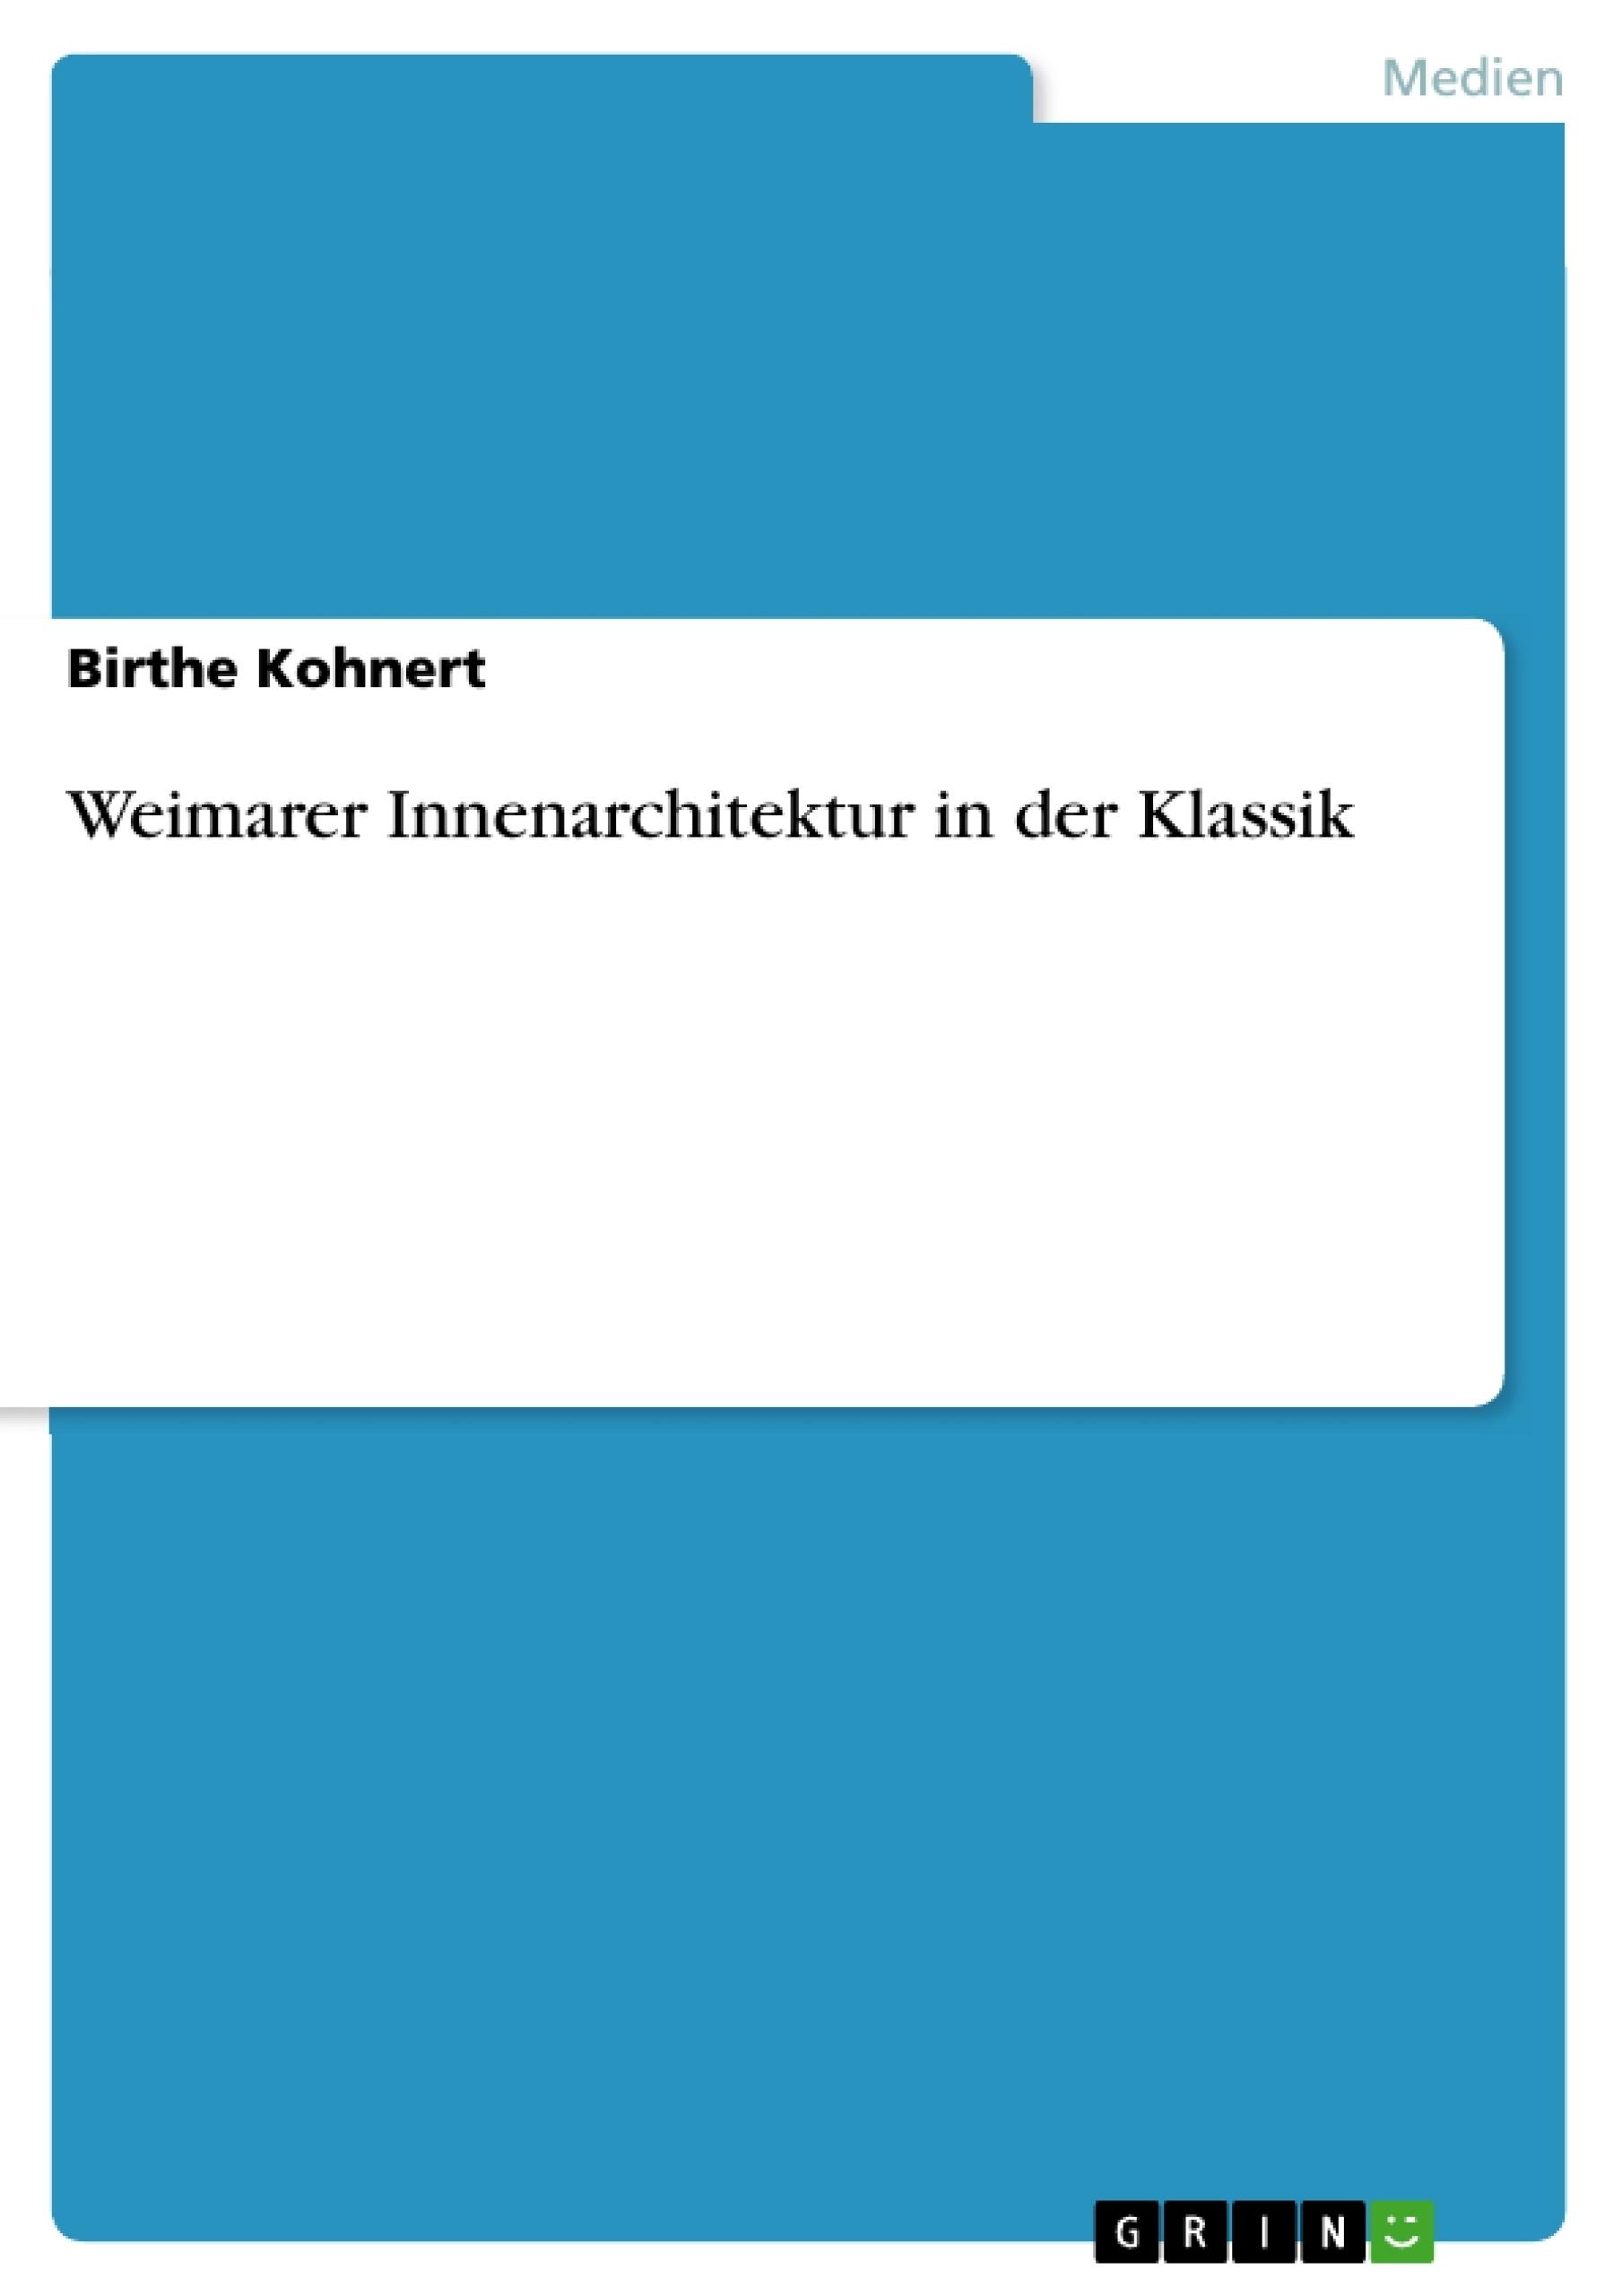 Titel: Weimarer Innenarchitektur in der Klassik